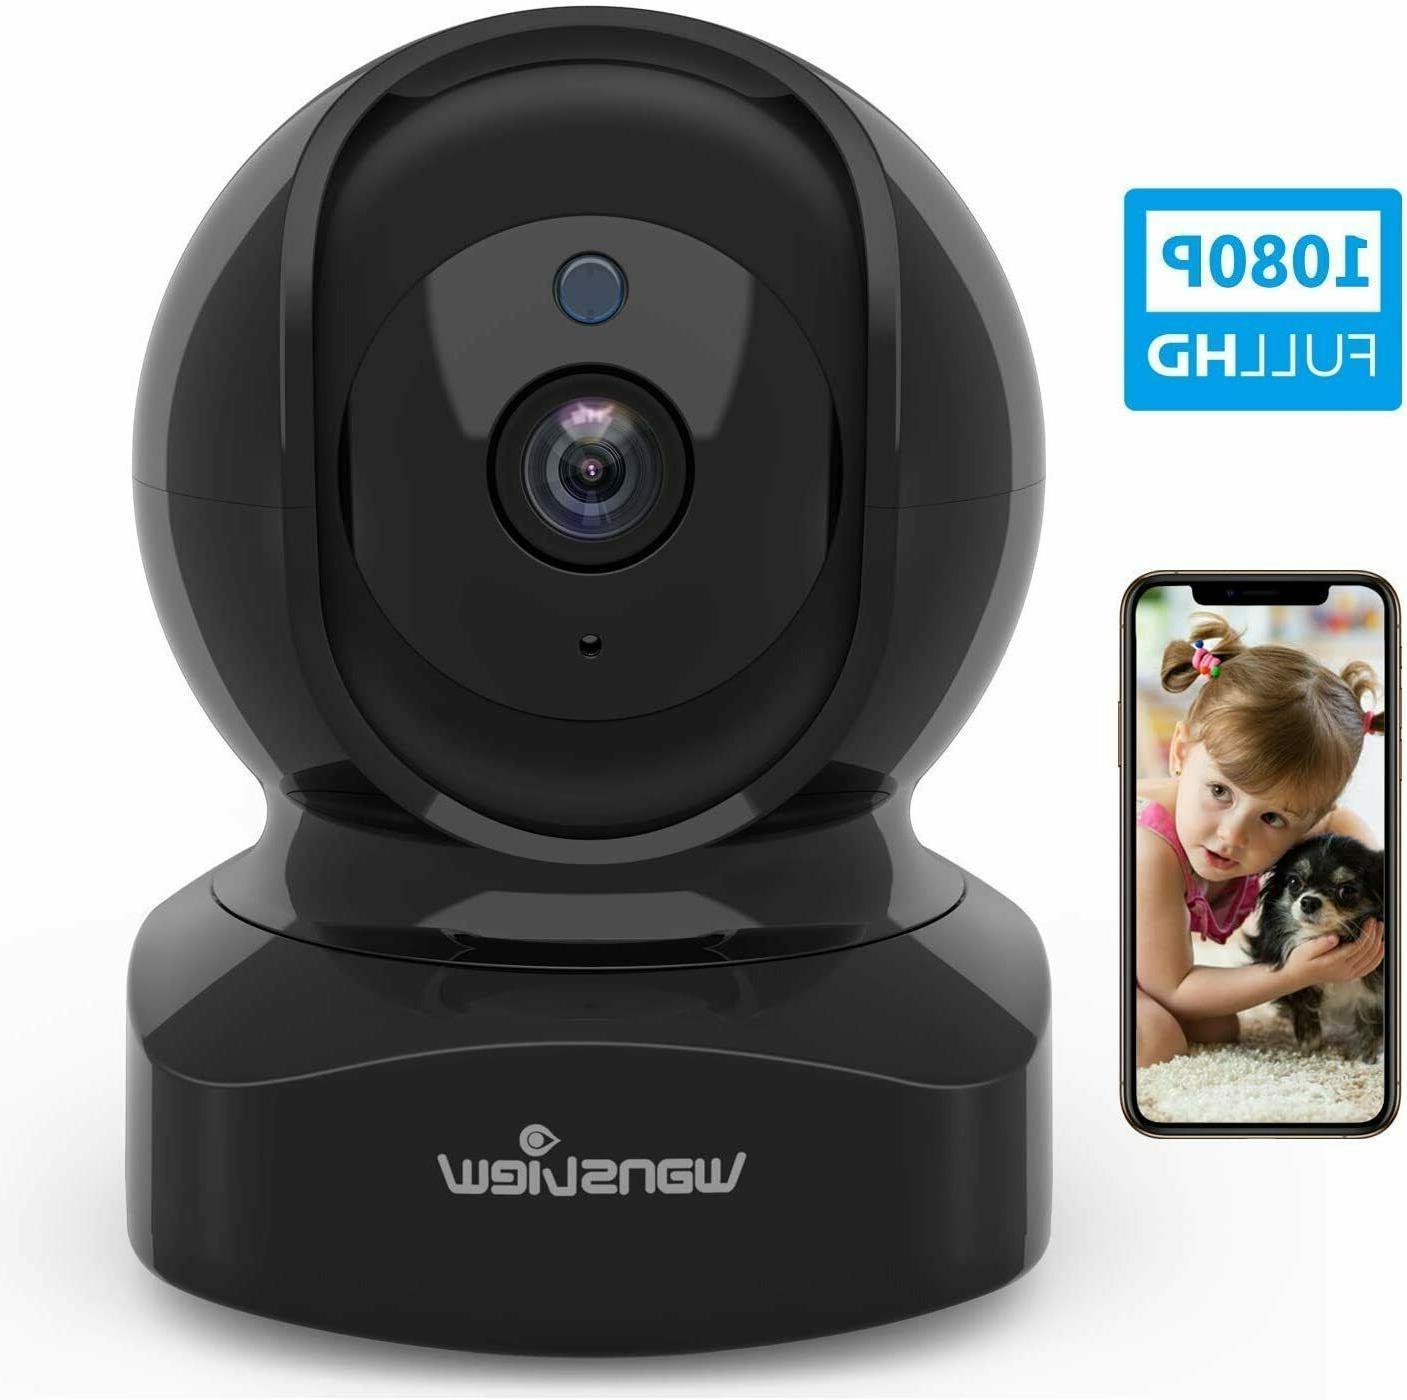 IP Cameras Wireless Security HD Wansview, Indoor 2